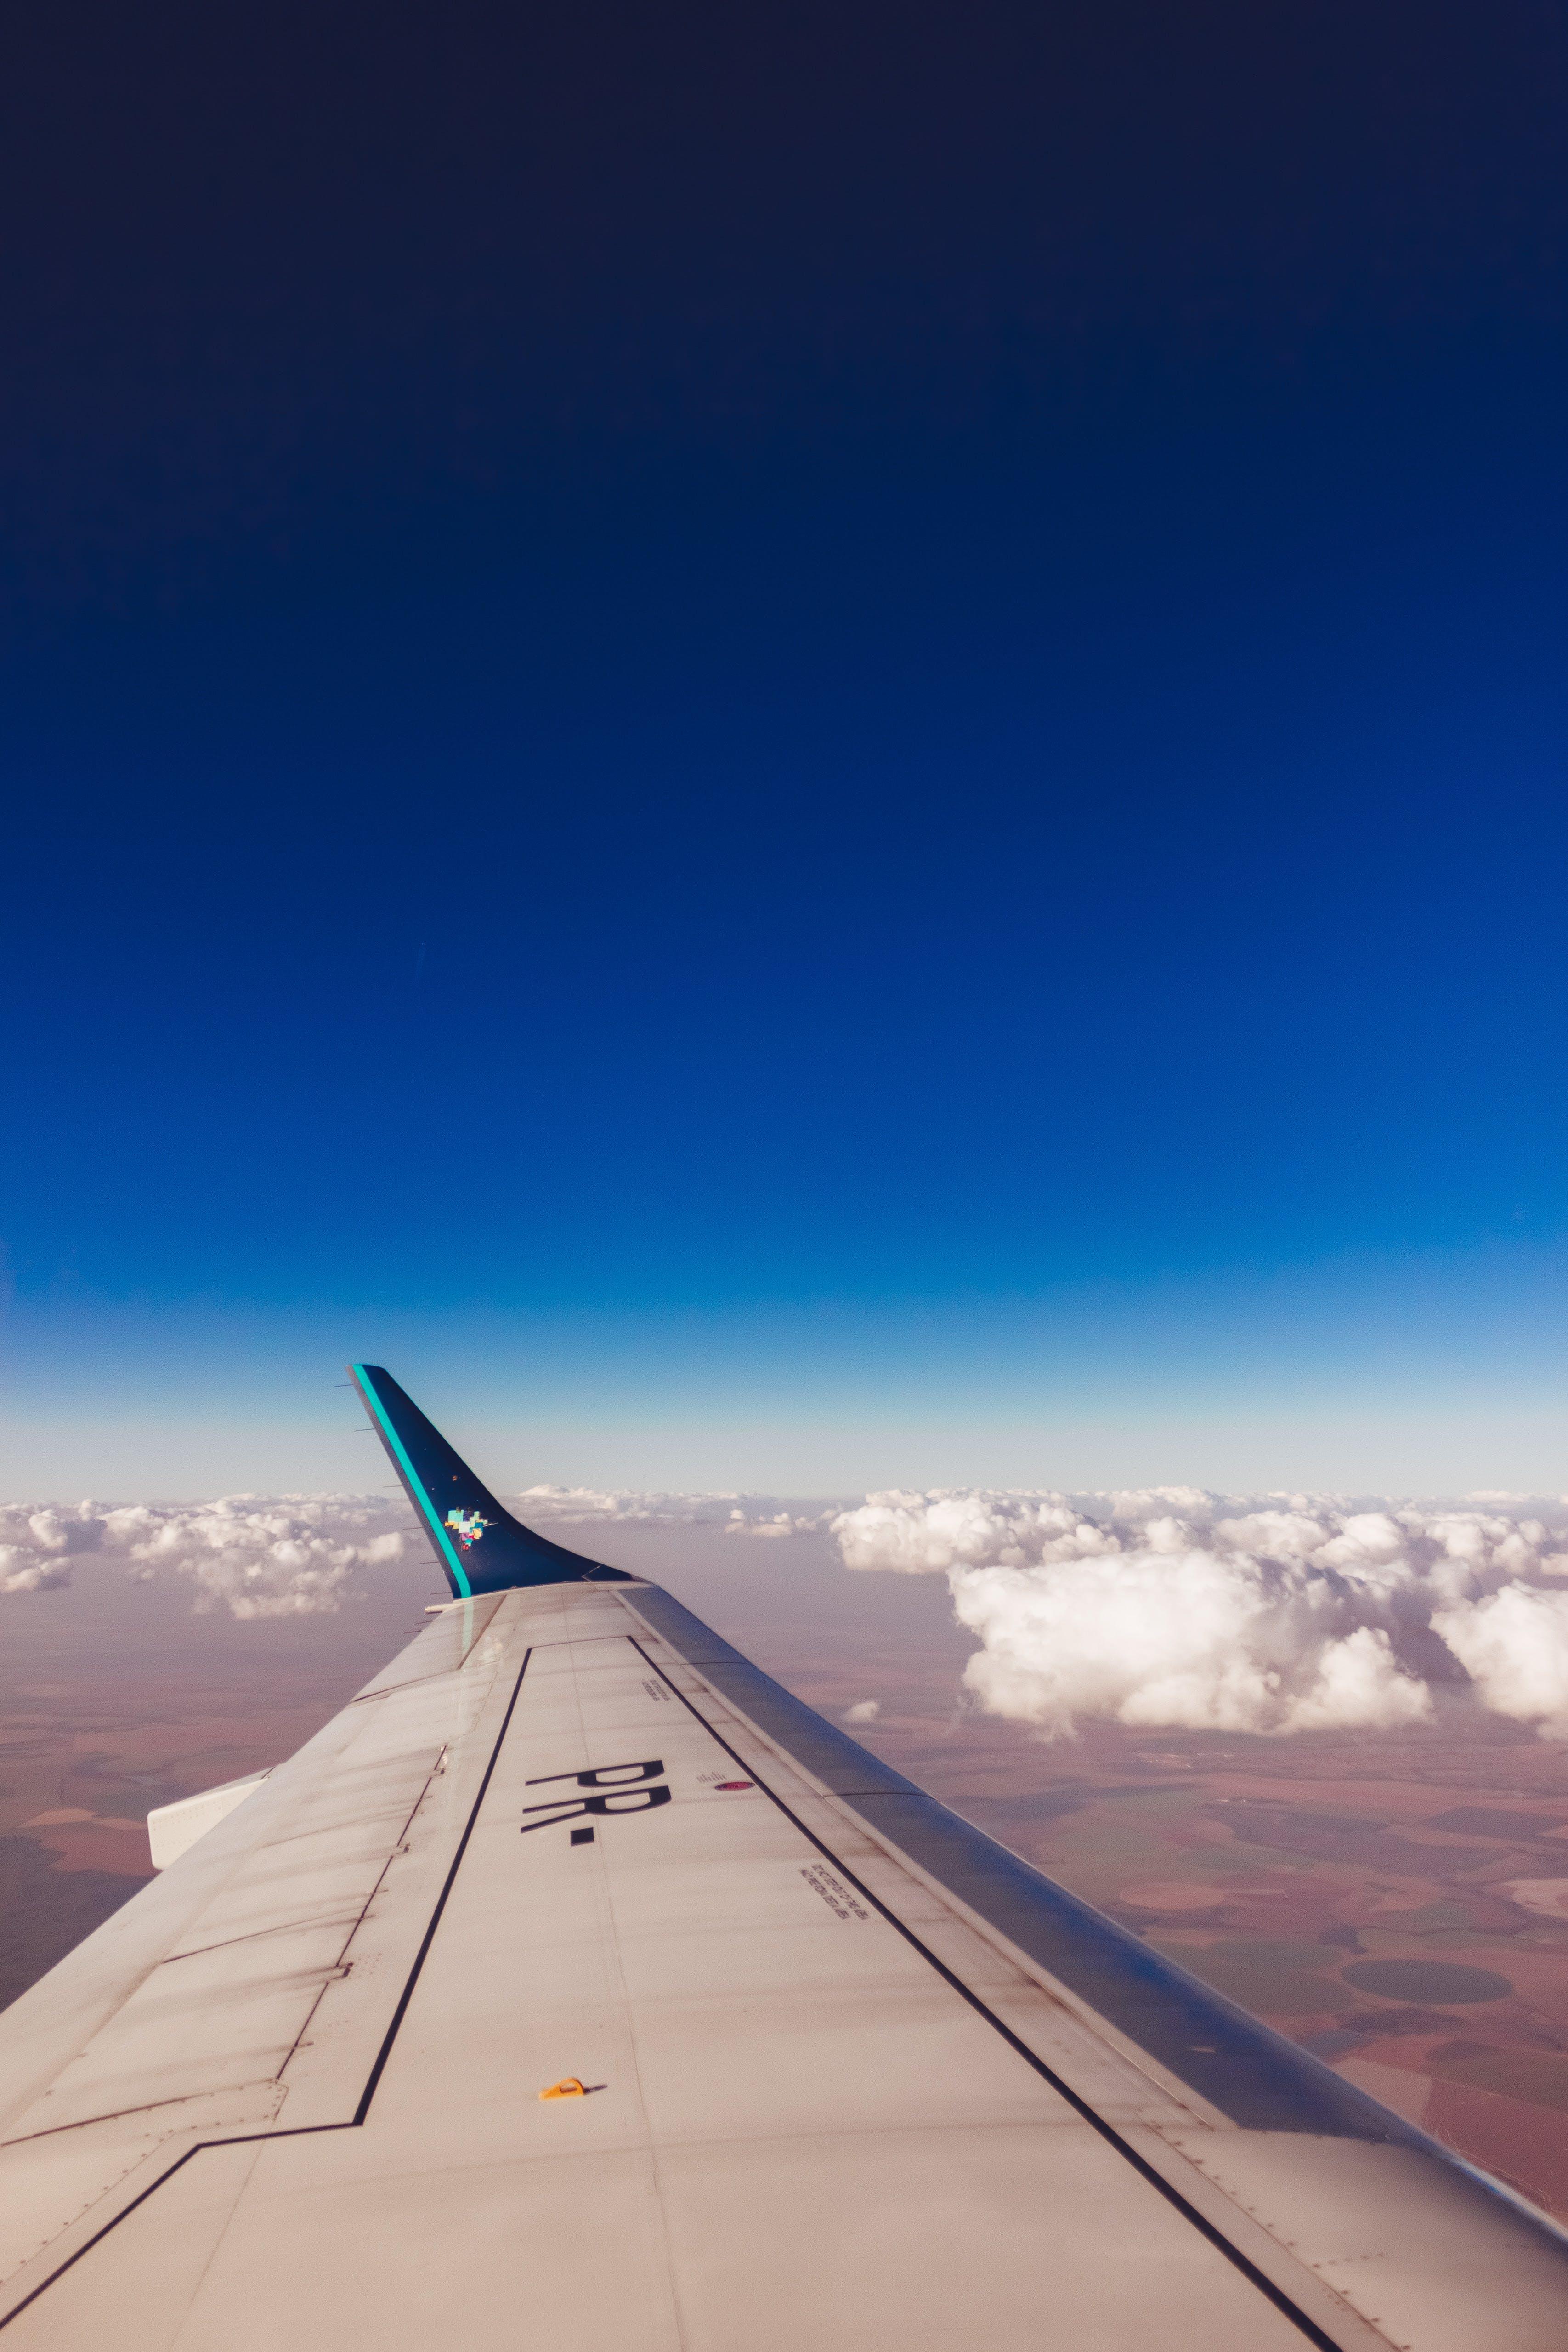 Δωρεάν στοκ φωτογραφιών με αεροπλάνο, αεροπλοΐα, αεροσκάφος, έρημος